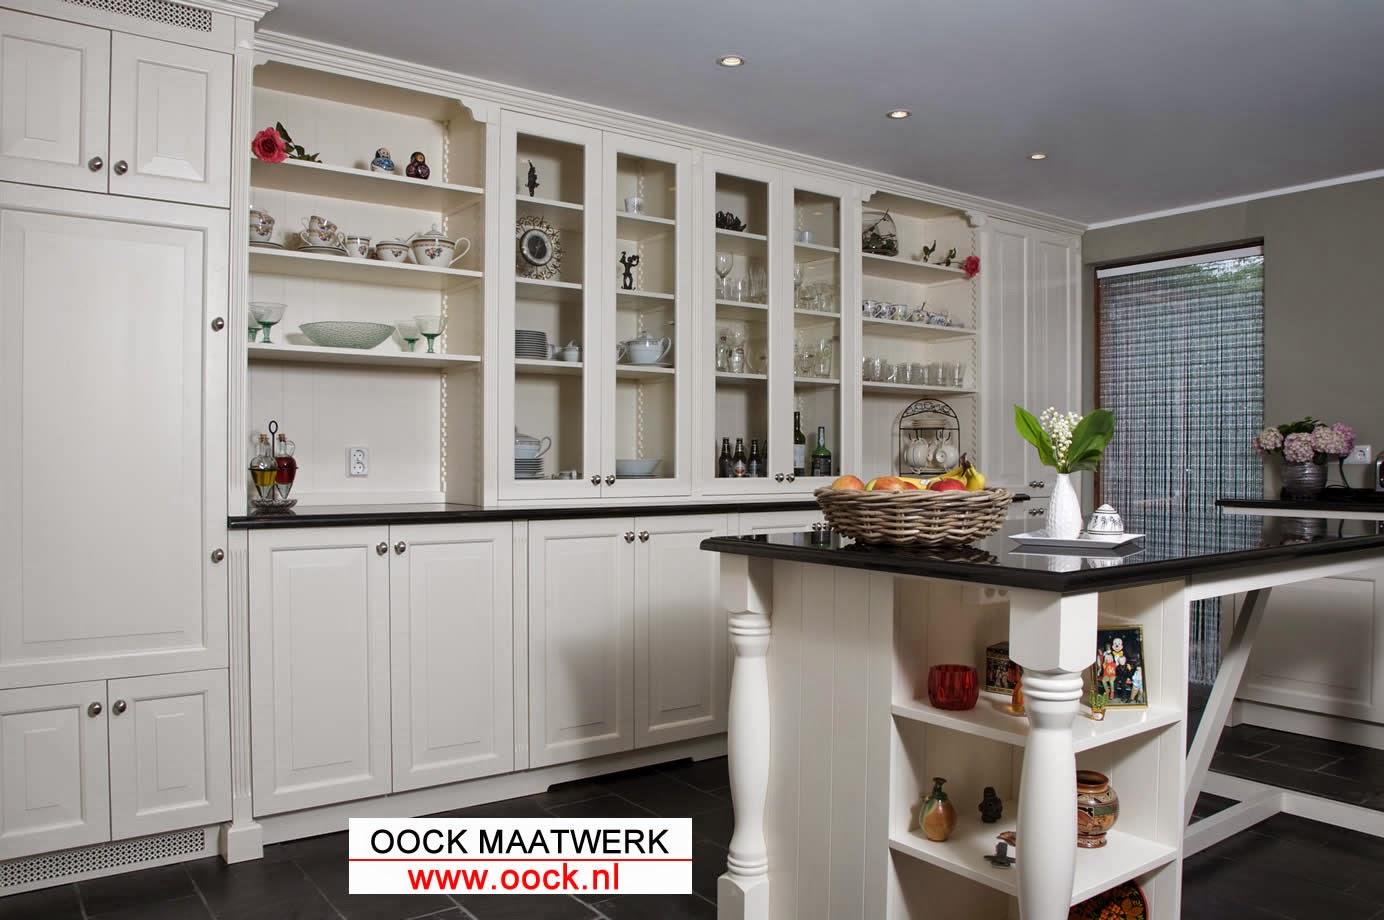 Houten keuken: Keukens op maat - klassiek en landelijk